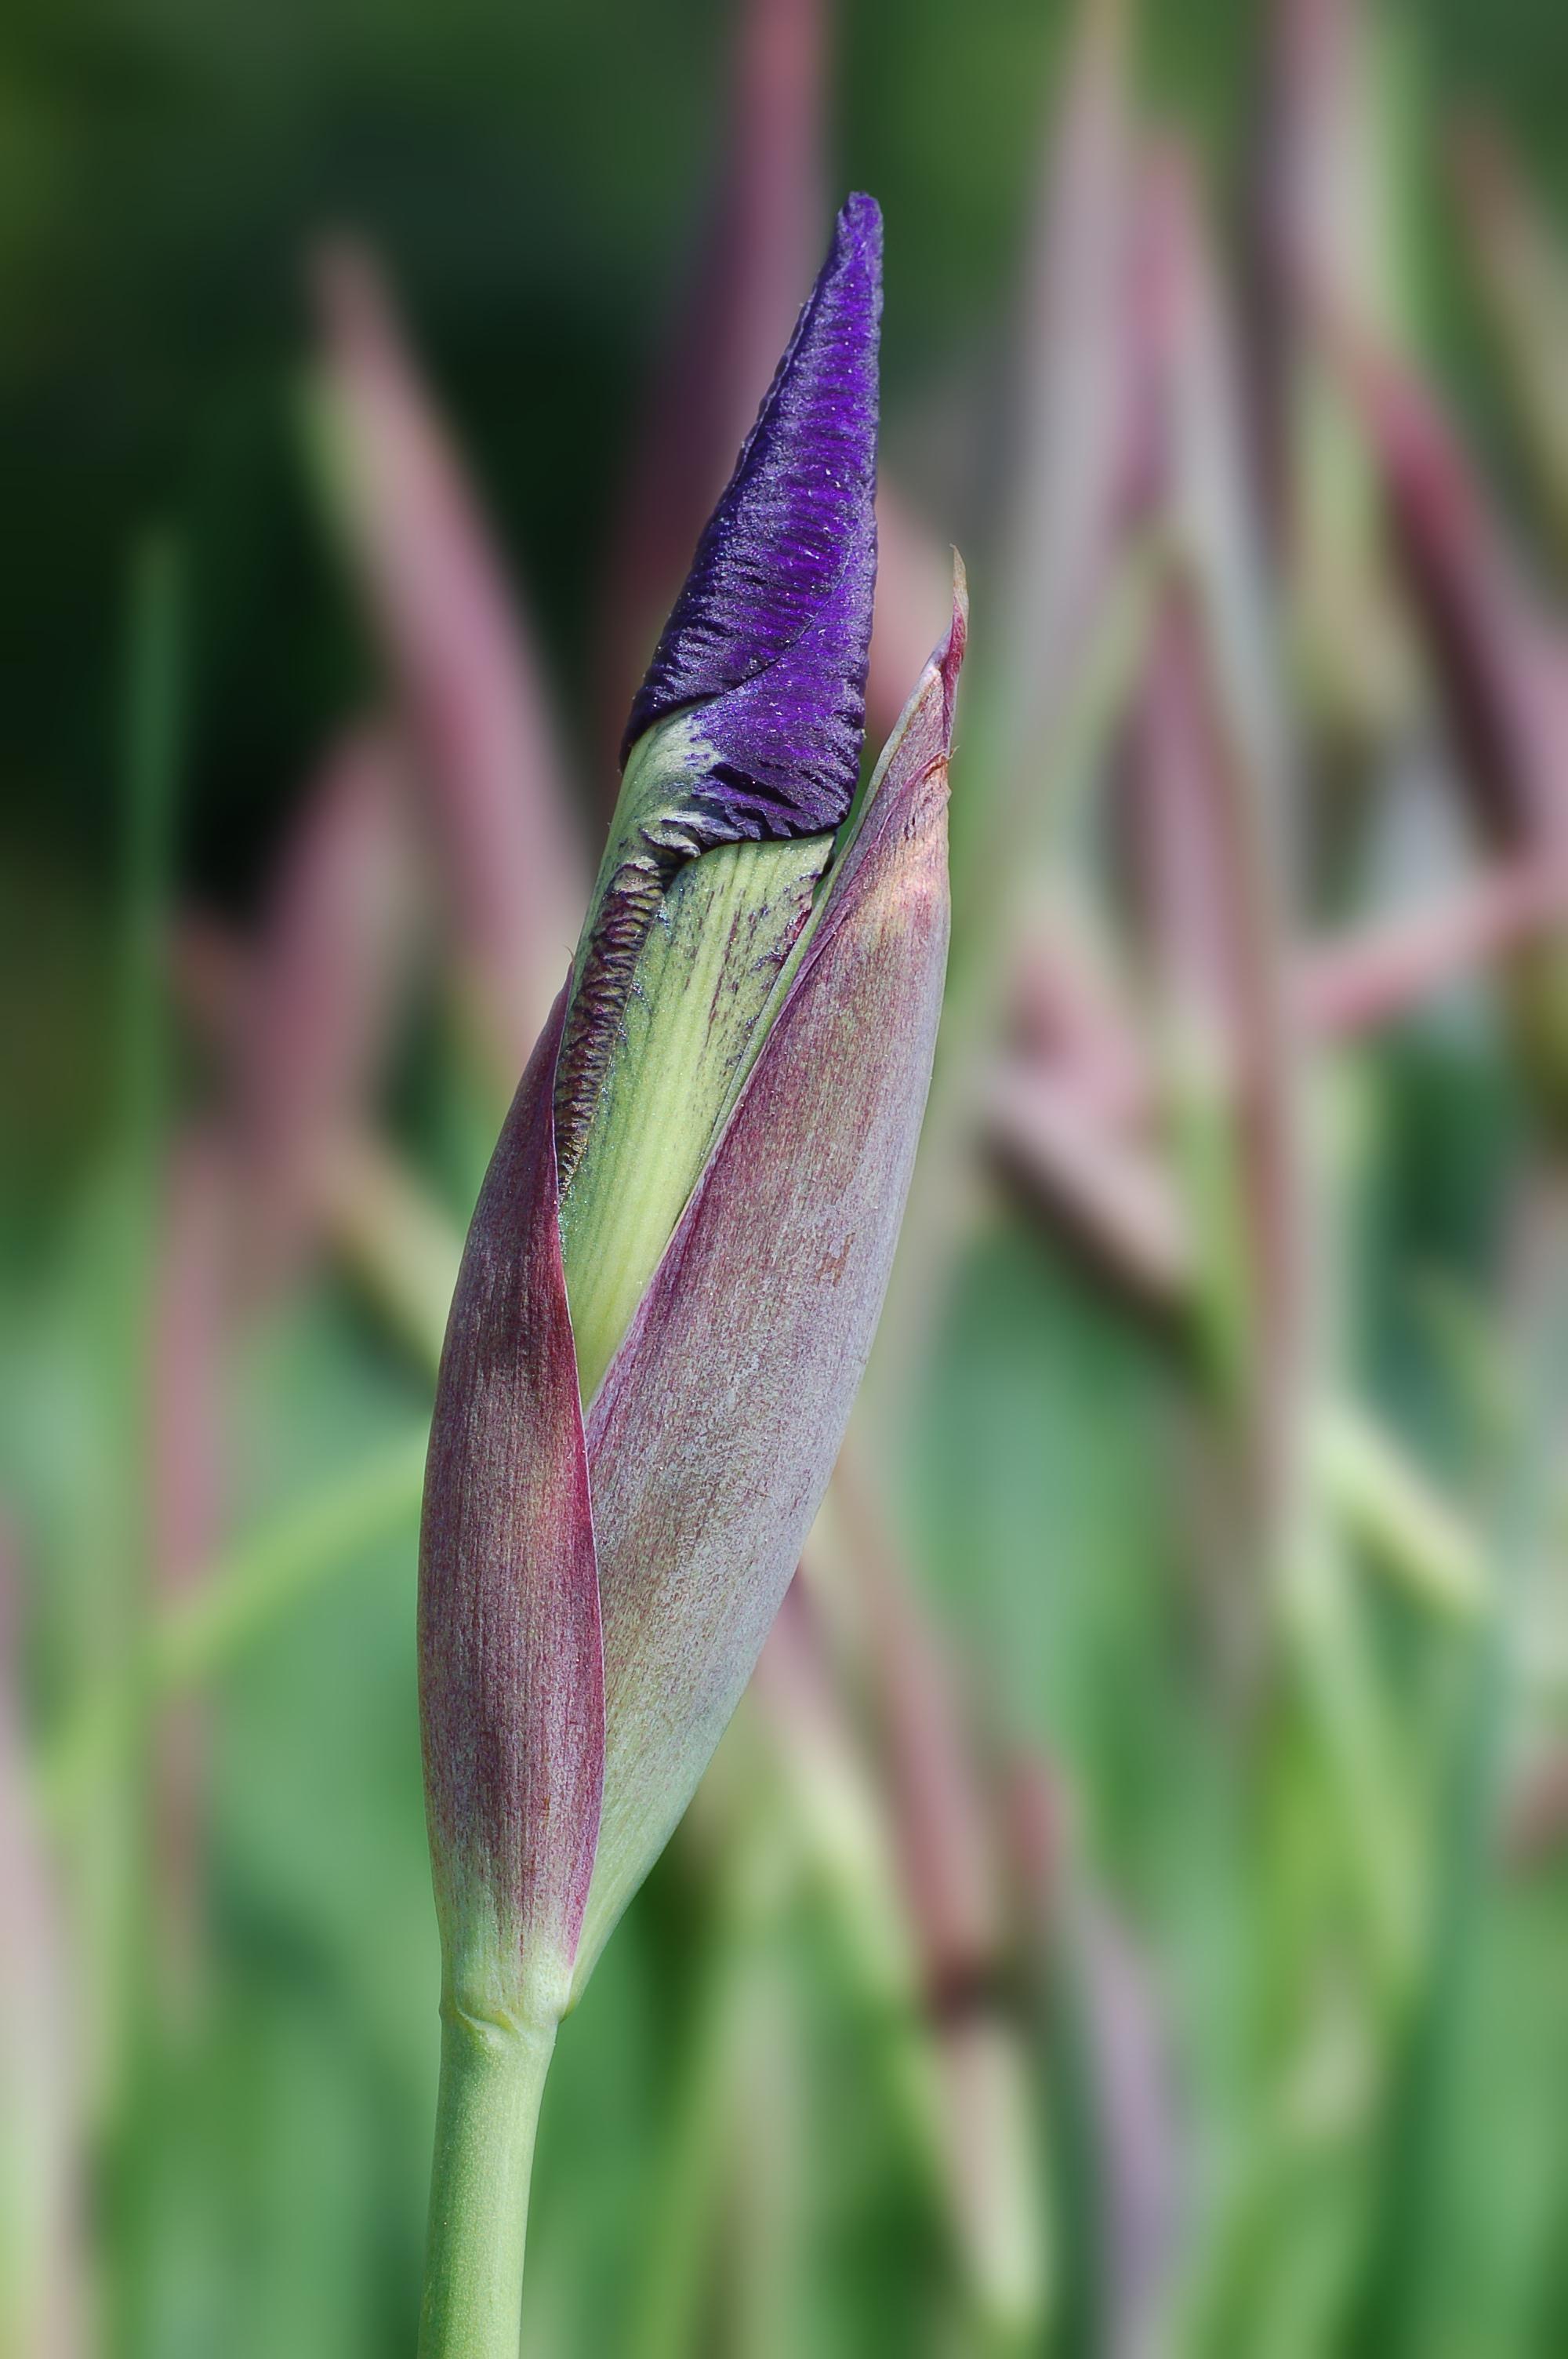 Filesiberian iris iris siberica unopened flower 2000pxg filesiberian iris iris siberica unopened flower 2000pxg izmirmasajfo